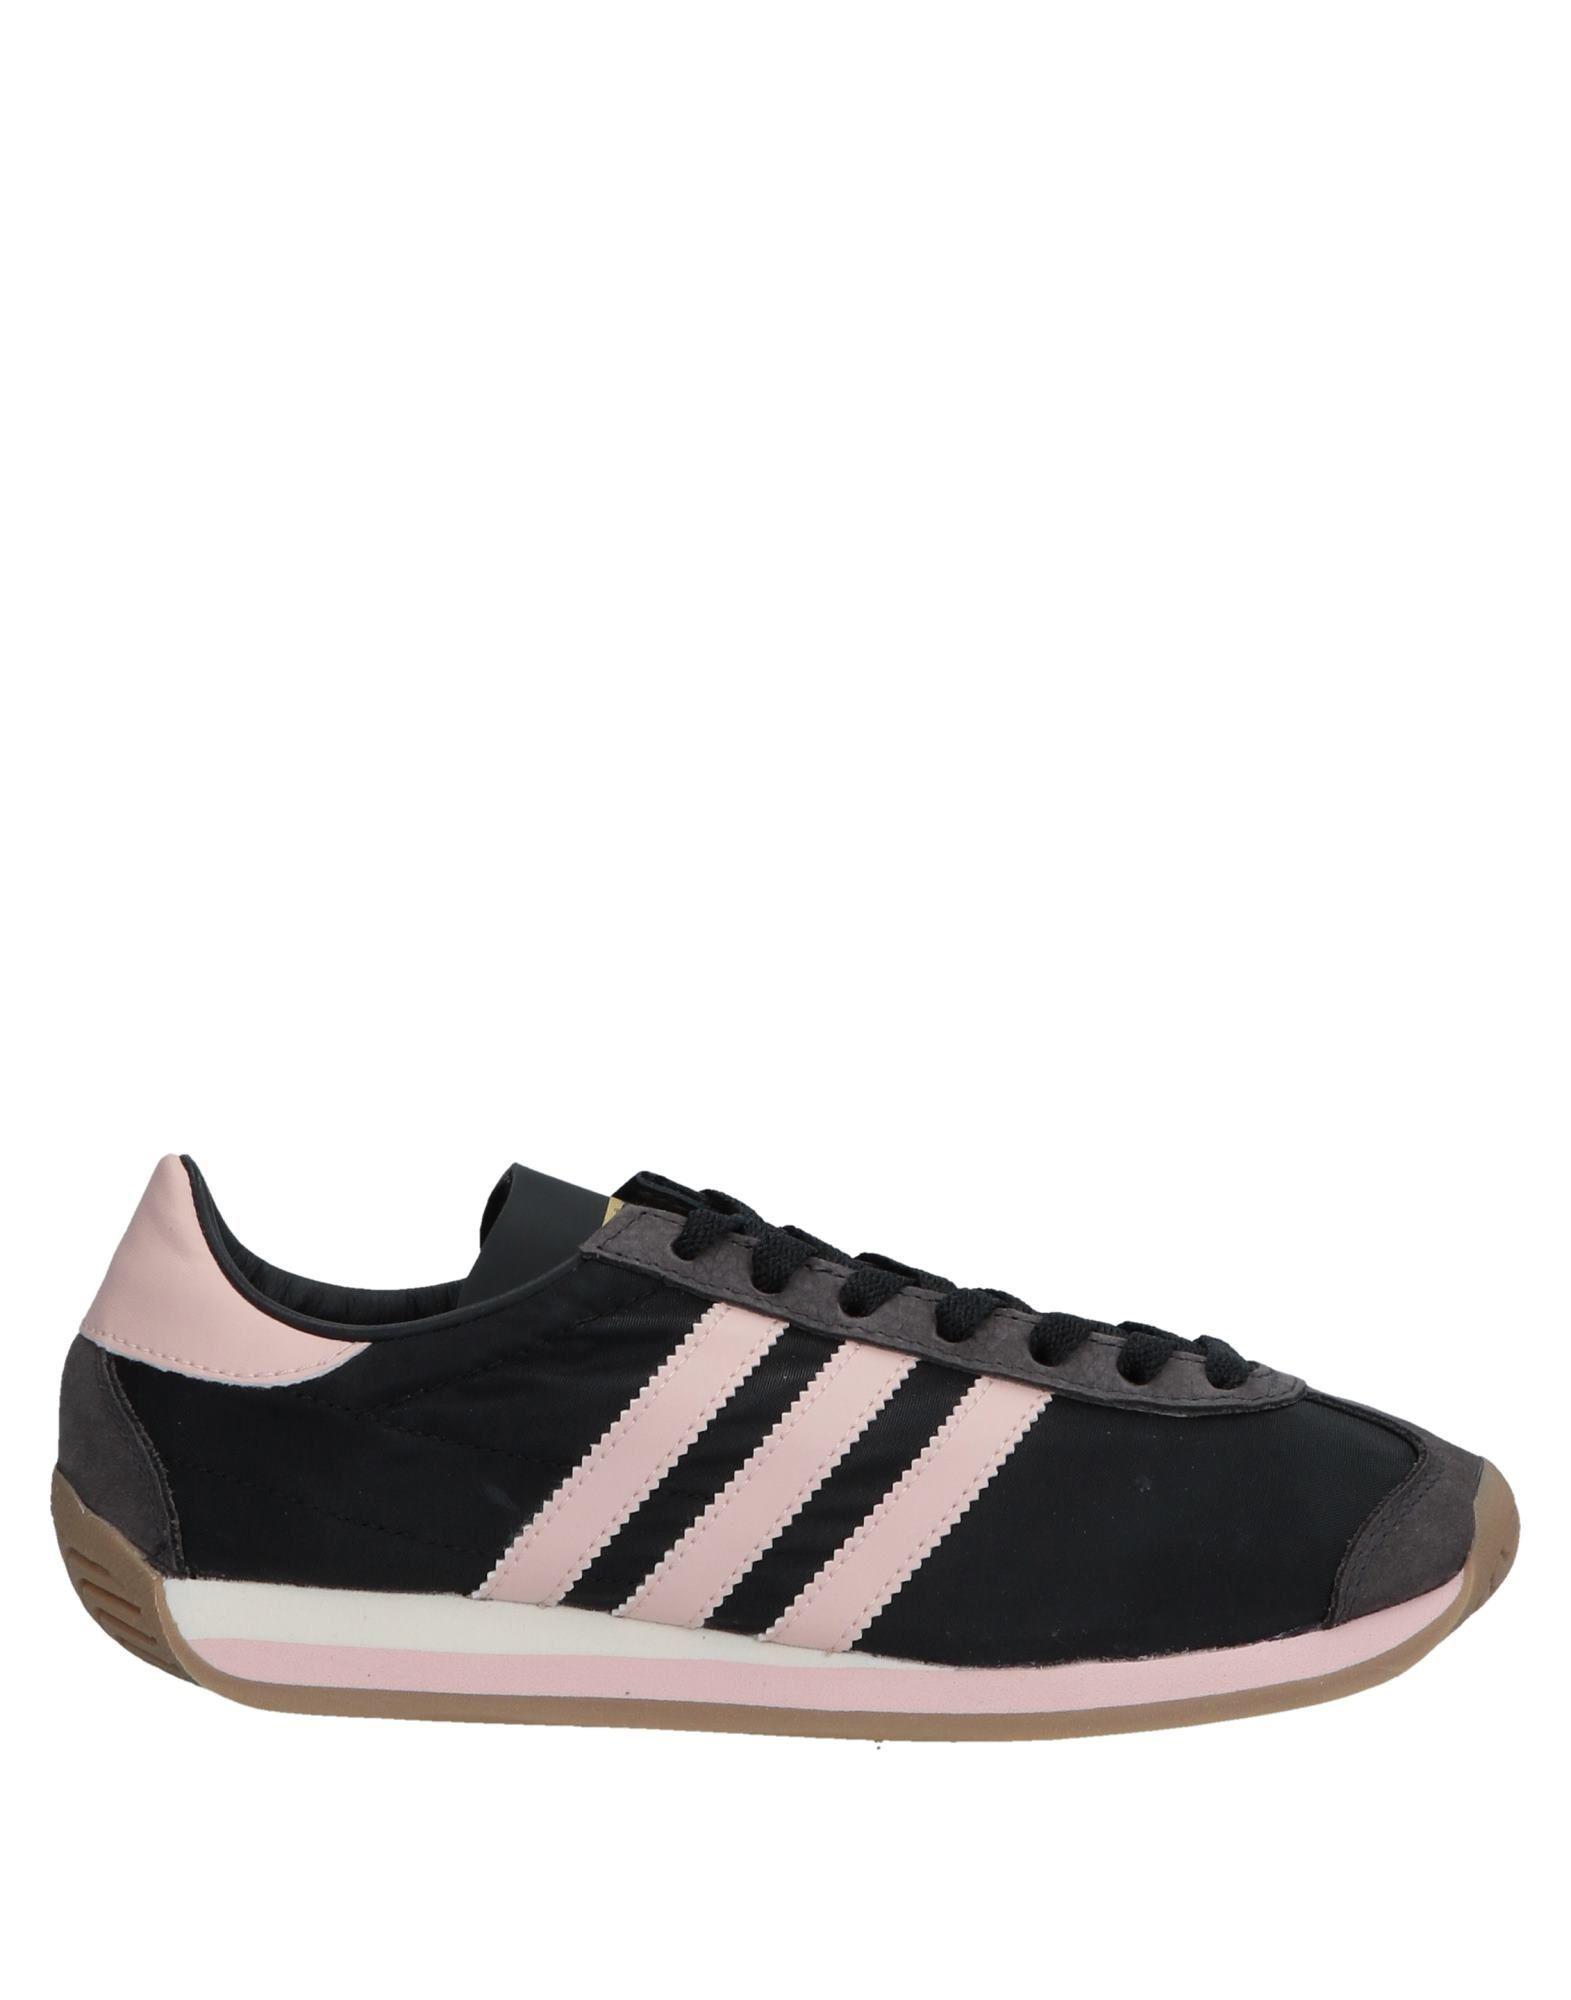 ec408f0a1d4 Adidas - Black Low-tops   Sneakers - Lyst. View fullscreen